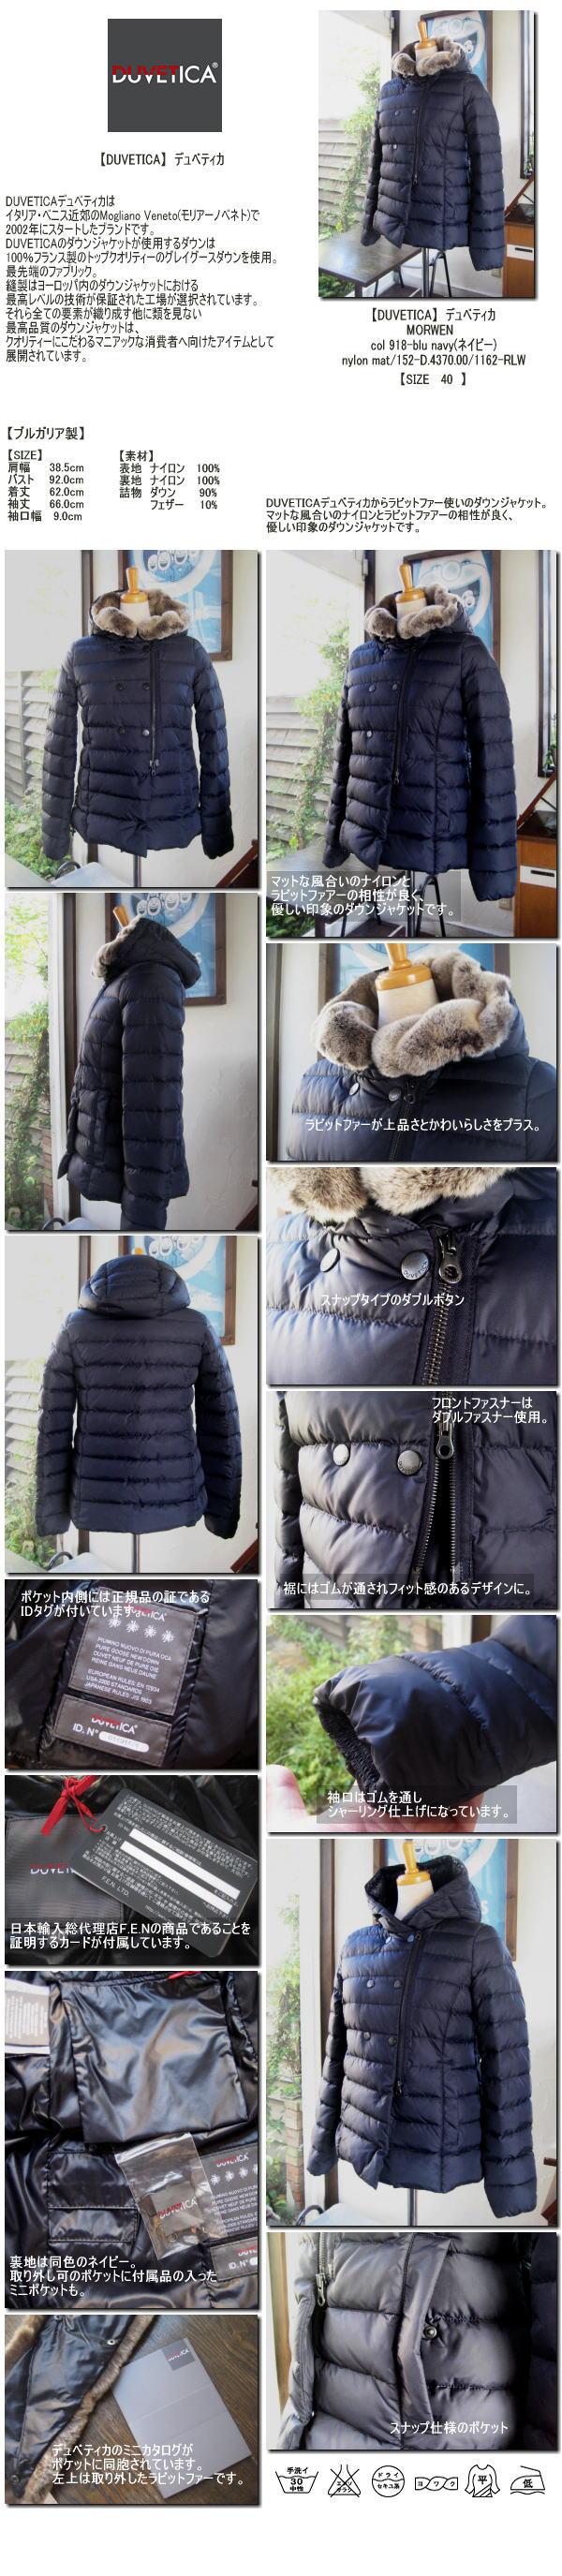 【DUVETICA】 デュベティカ MORWEN nylon mat 152-D.4370.00/1162-RLW col BLU NABY (ネイビー) size40